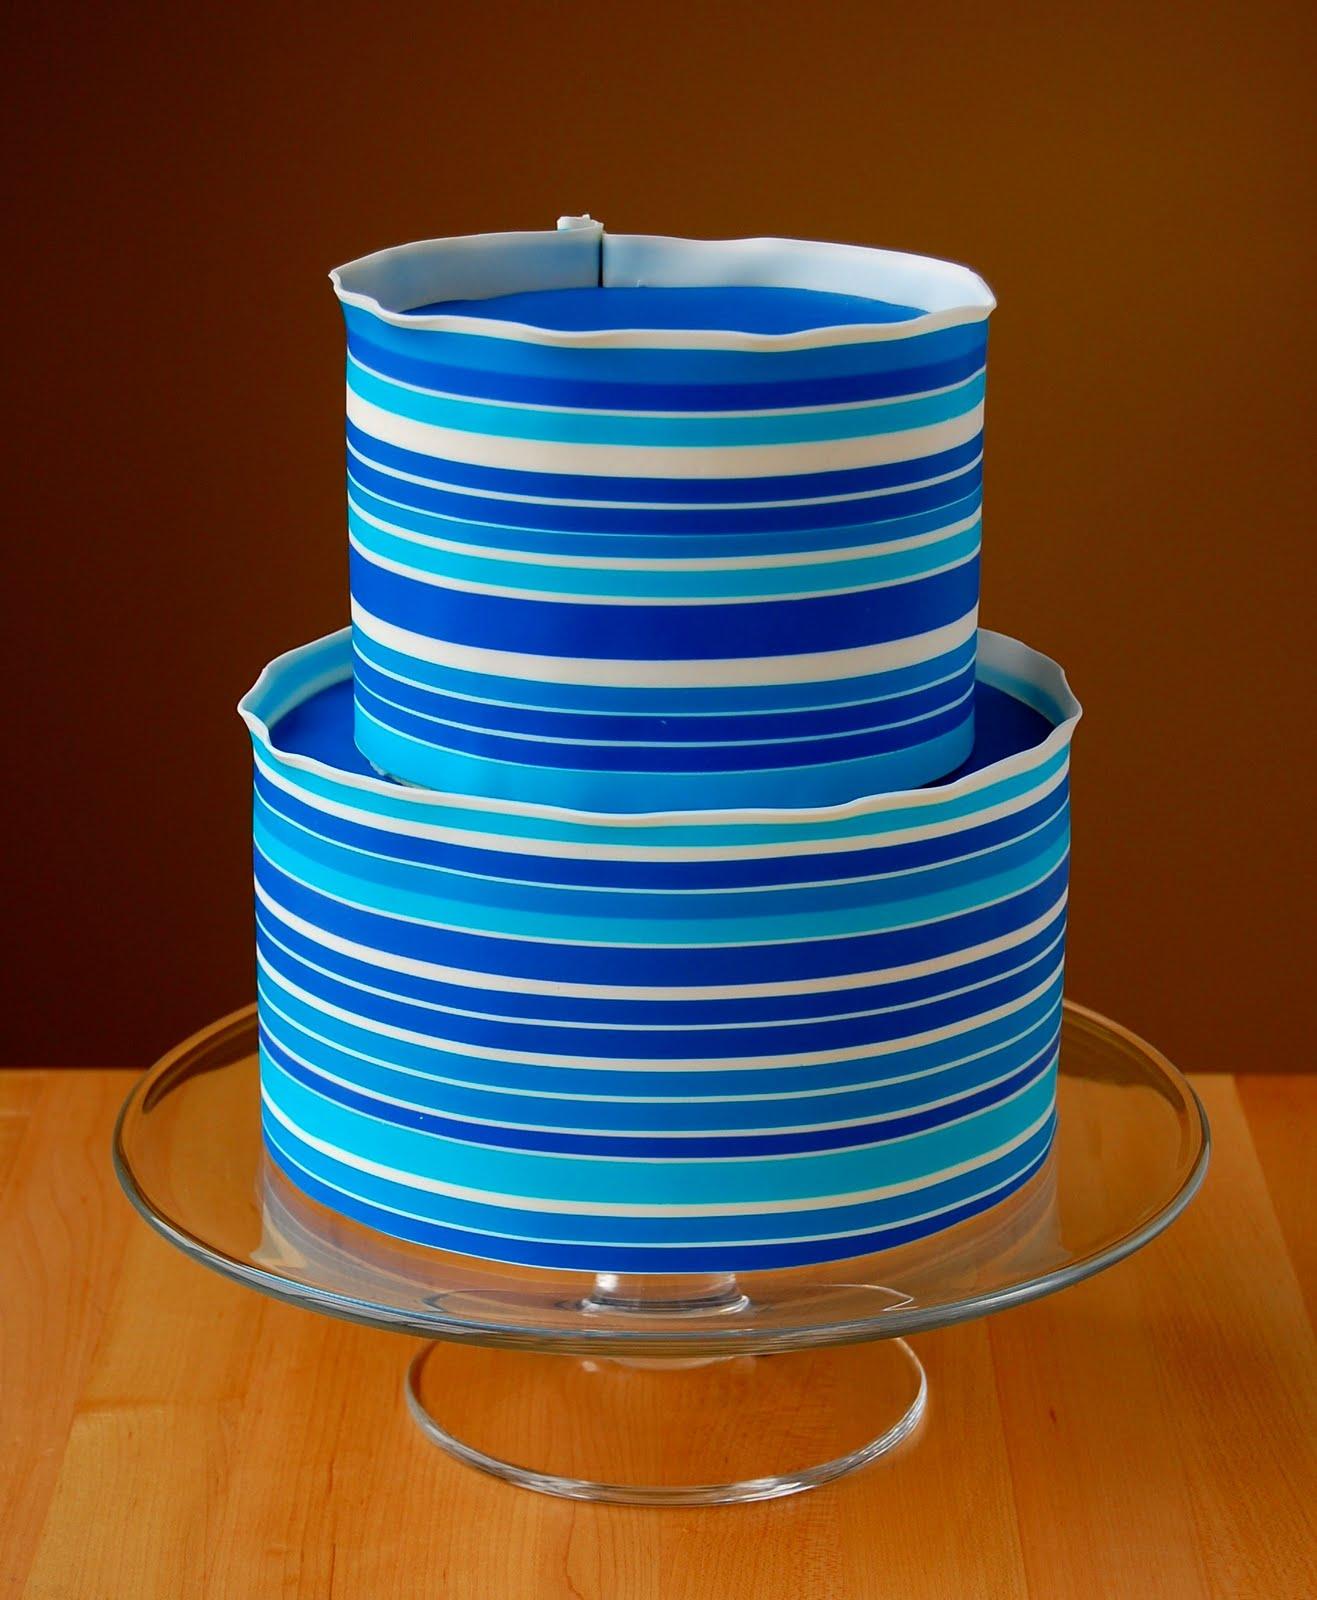 Cake Art Modeling Chocolate : Baking Arts: Modeling Chocolate Wrapped Cakes